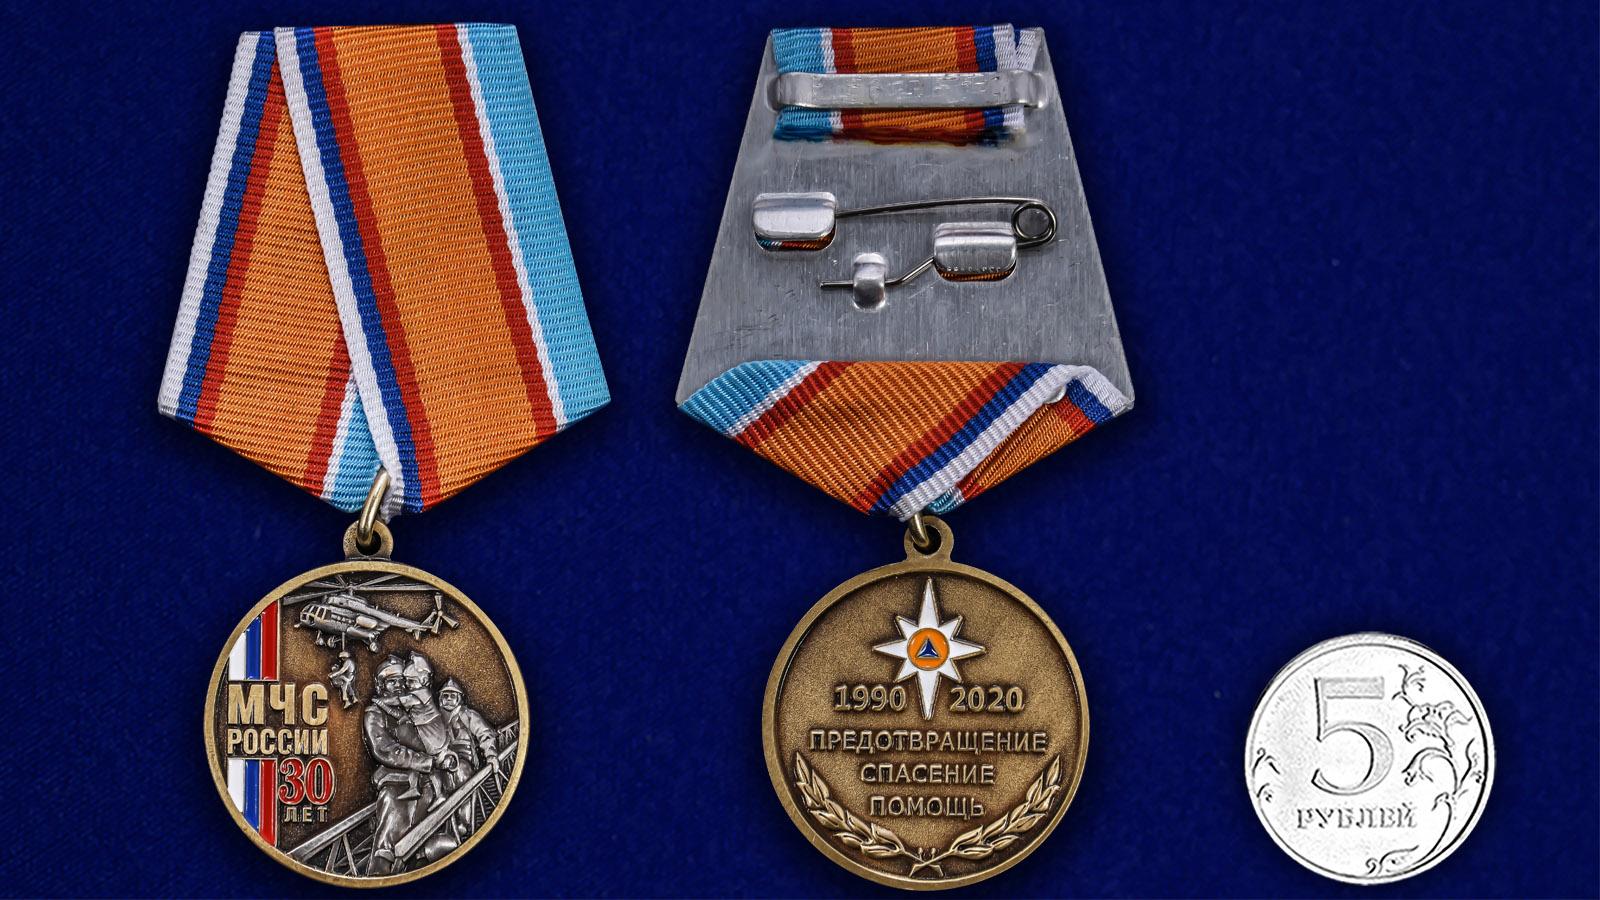 Нагрудная медаль 30 лет МЧС России - сравнительный вид